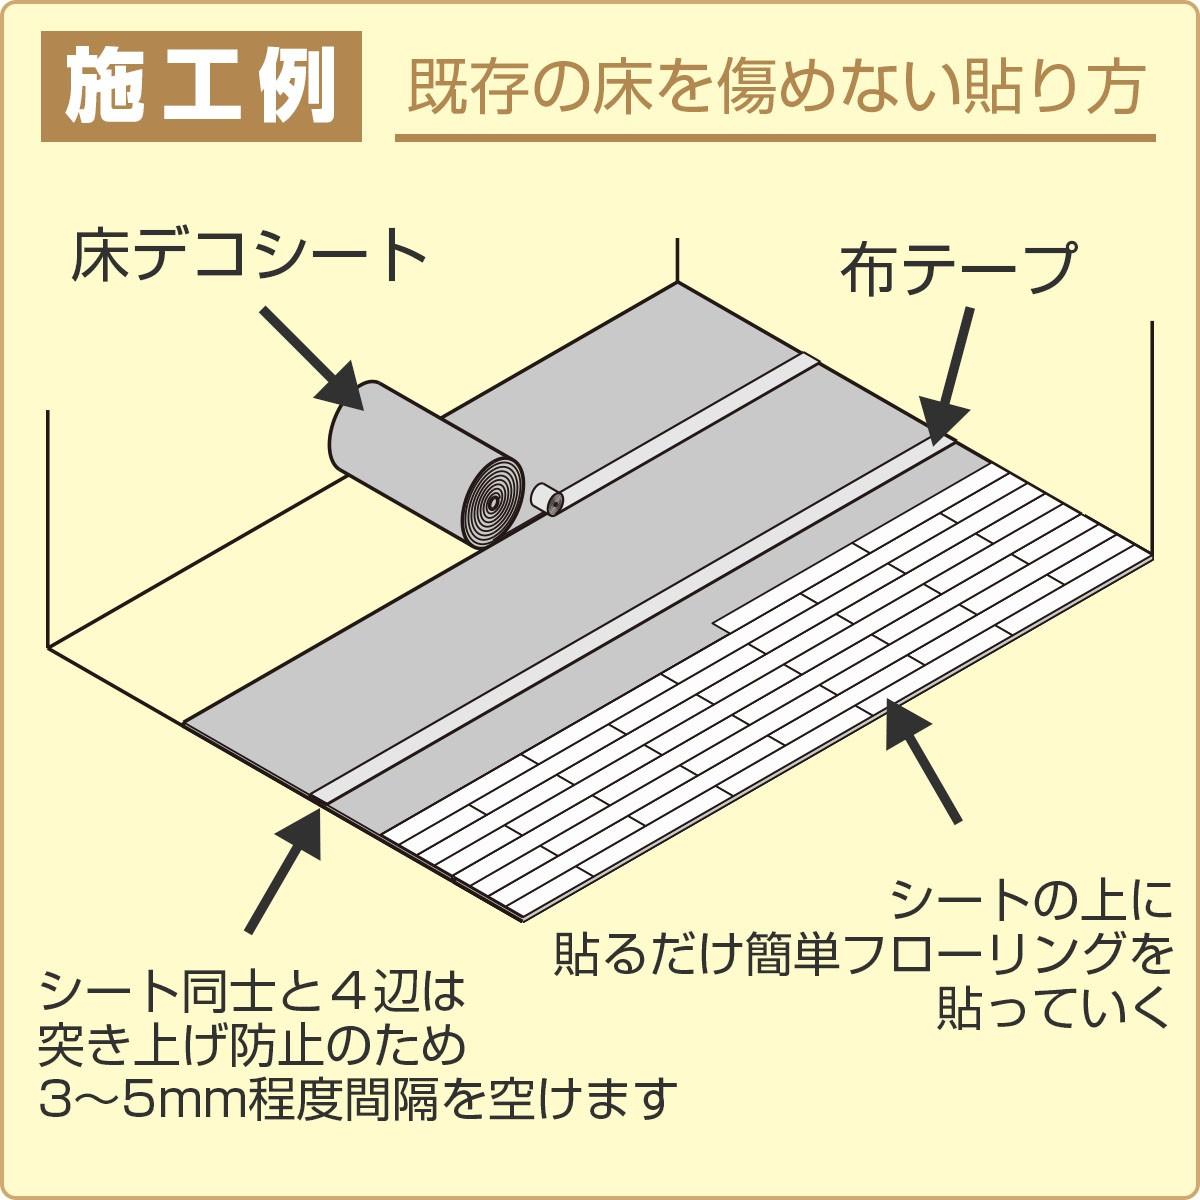 施工例 既存の床を傷めない貼り方 シート同士と4辺は突き上げ防止のため3〜5ミリ程度間隔を空けます シートの上に貼るだけ簡単フローリングを貼っていく